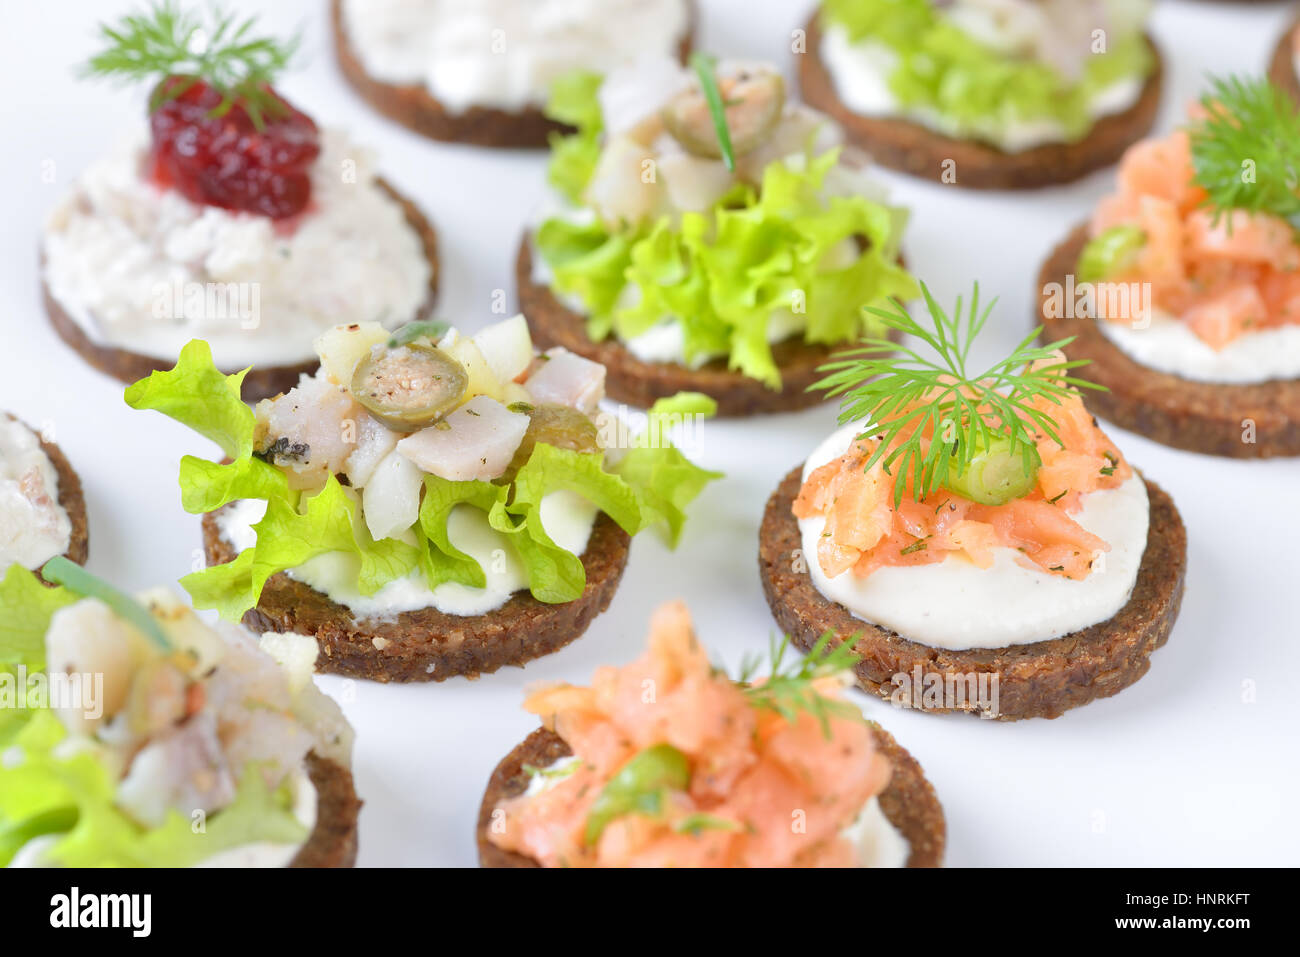 Sabrosos pescados canapés con salmón ahumado tartar en rábano picante, mousse de trucha y arenque con arándanos ensalada de Pumpernickel Bread Foto de stock